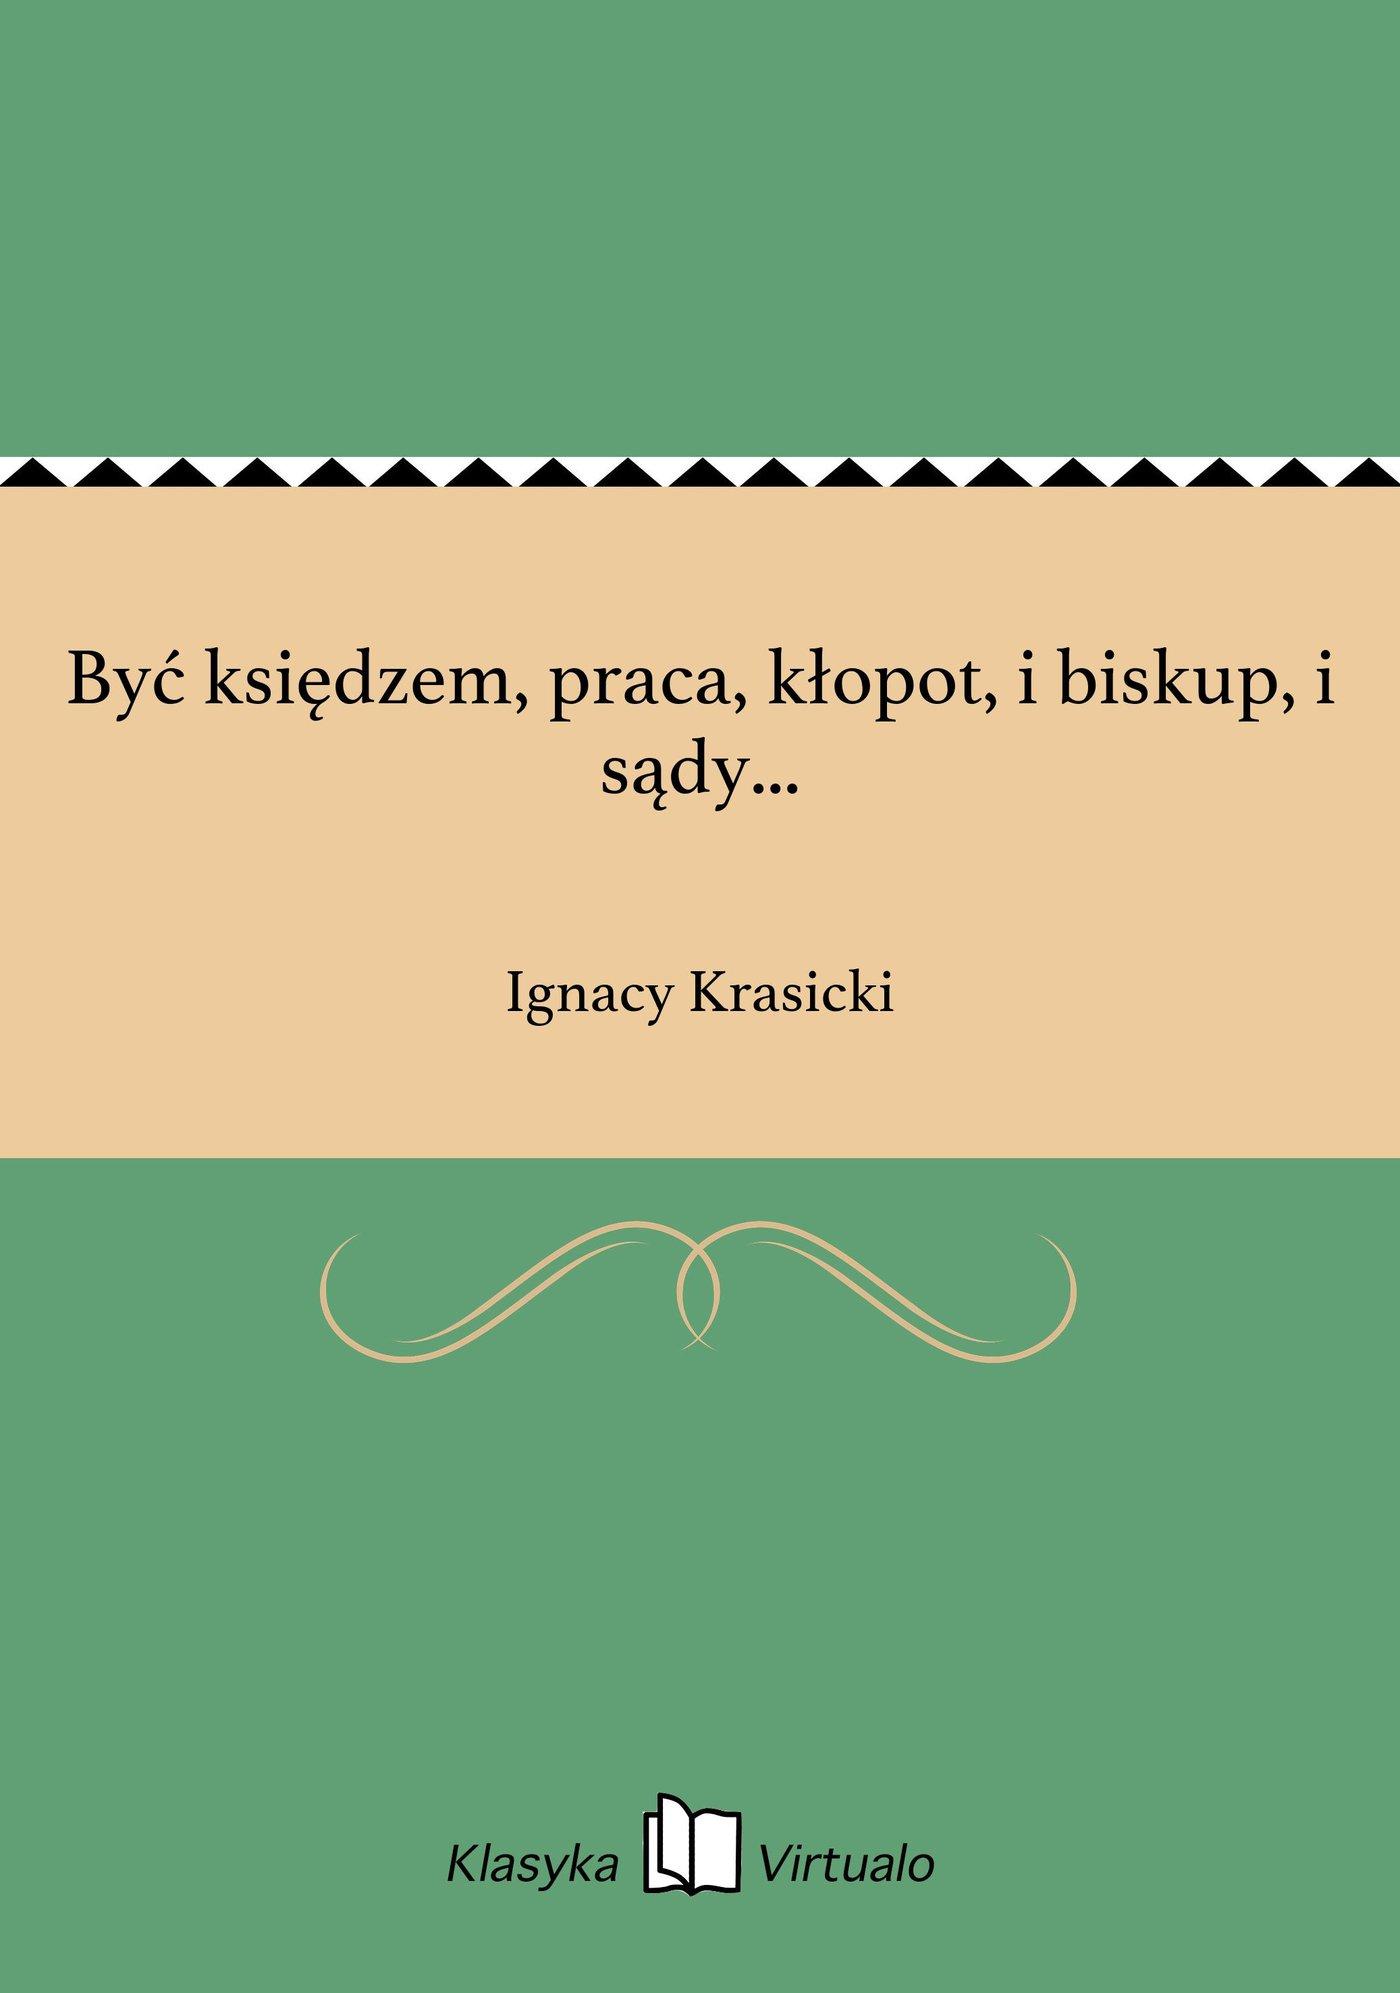 Być księdzem, praca, kłopot, i biskup, i sądy... - Ebook (Książka na Kindle) do pobrania w formacie MOBI